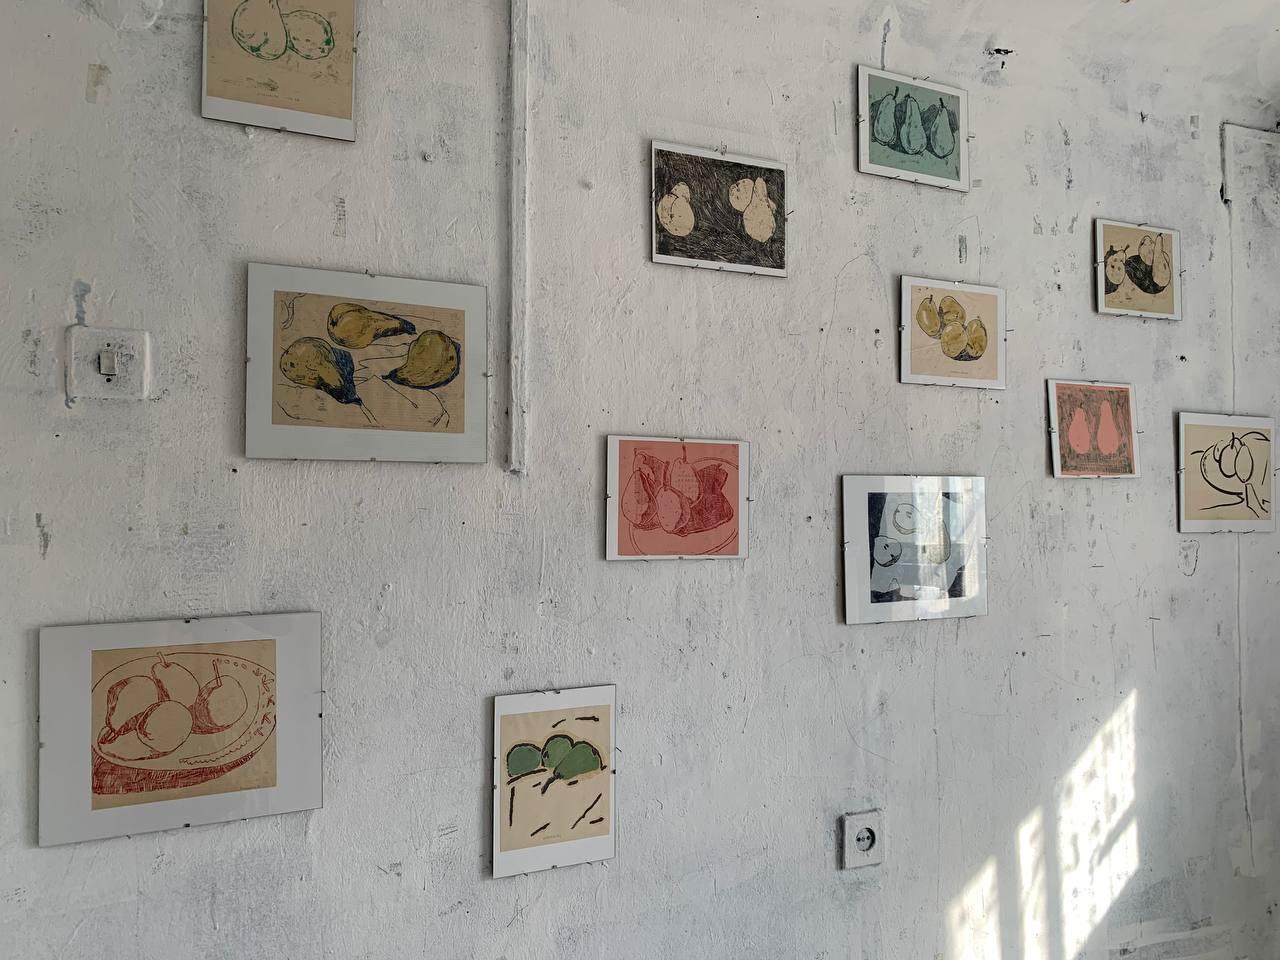 Фрагмент экспозиции «Груши. Диа- и монотипии». Галерея FFTN, Санкт-Петербург, 2021.